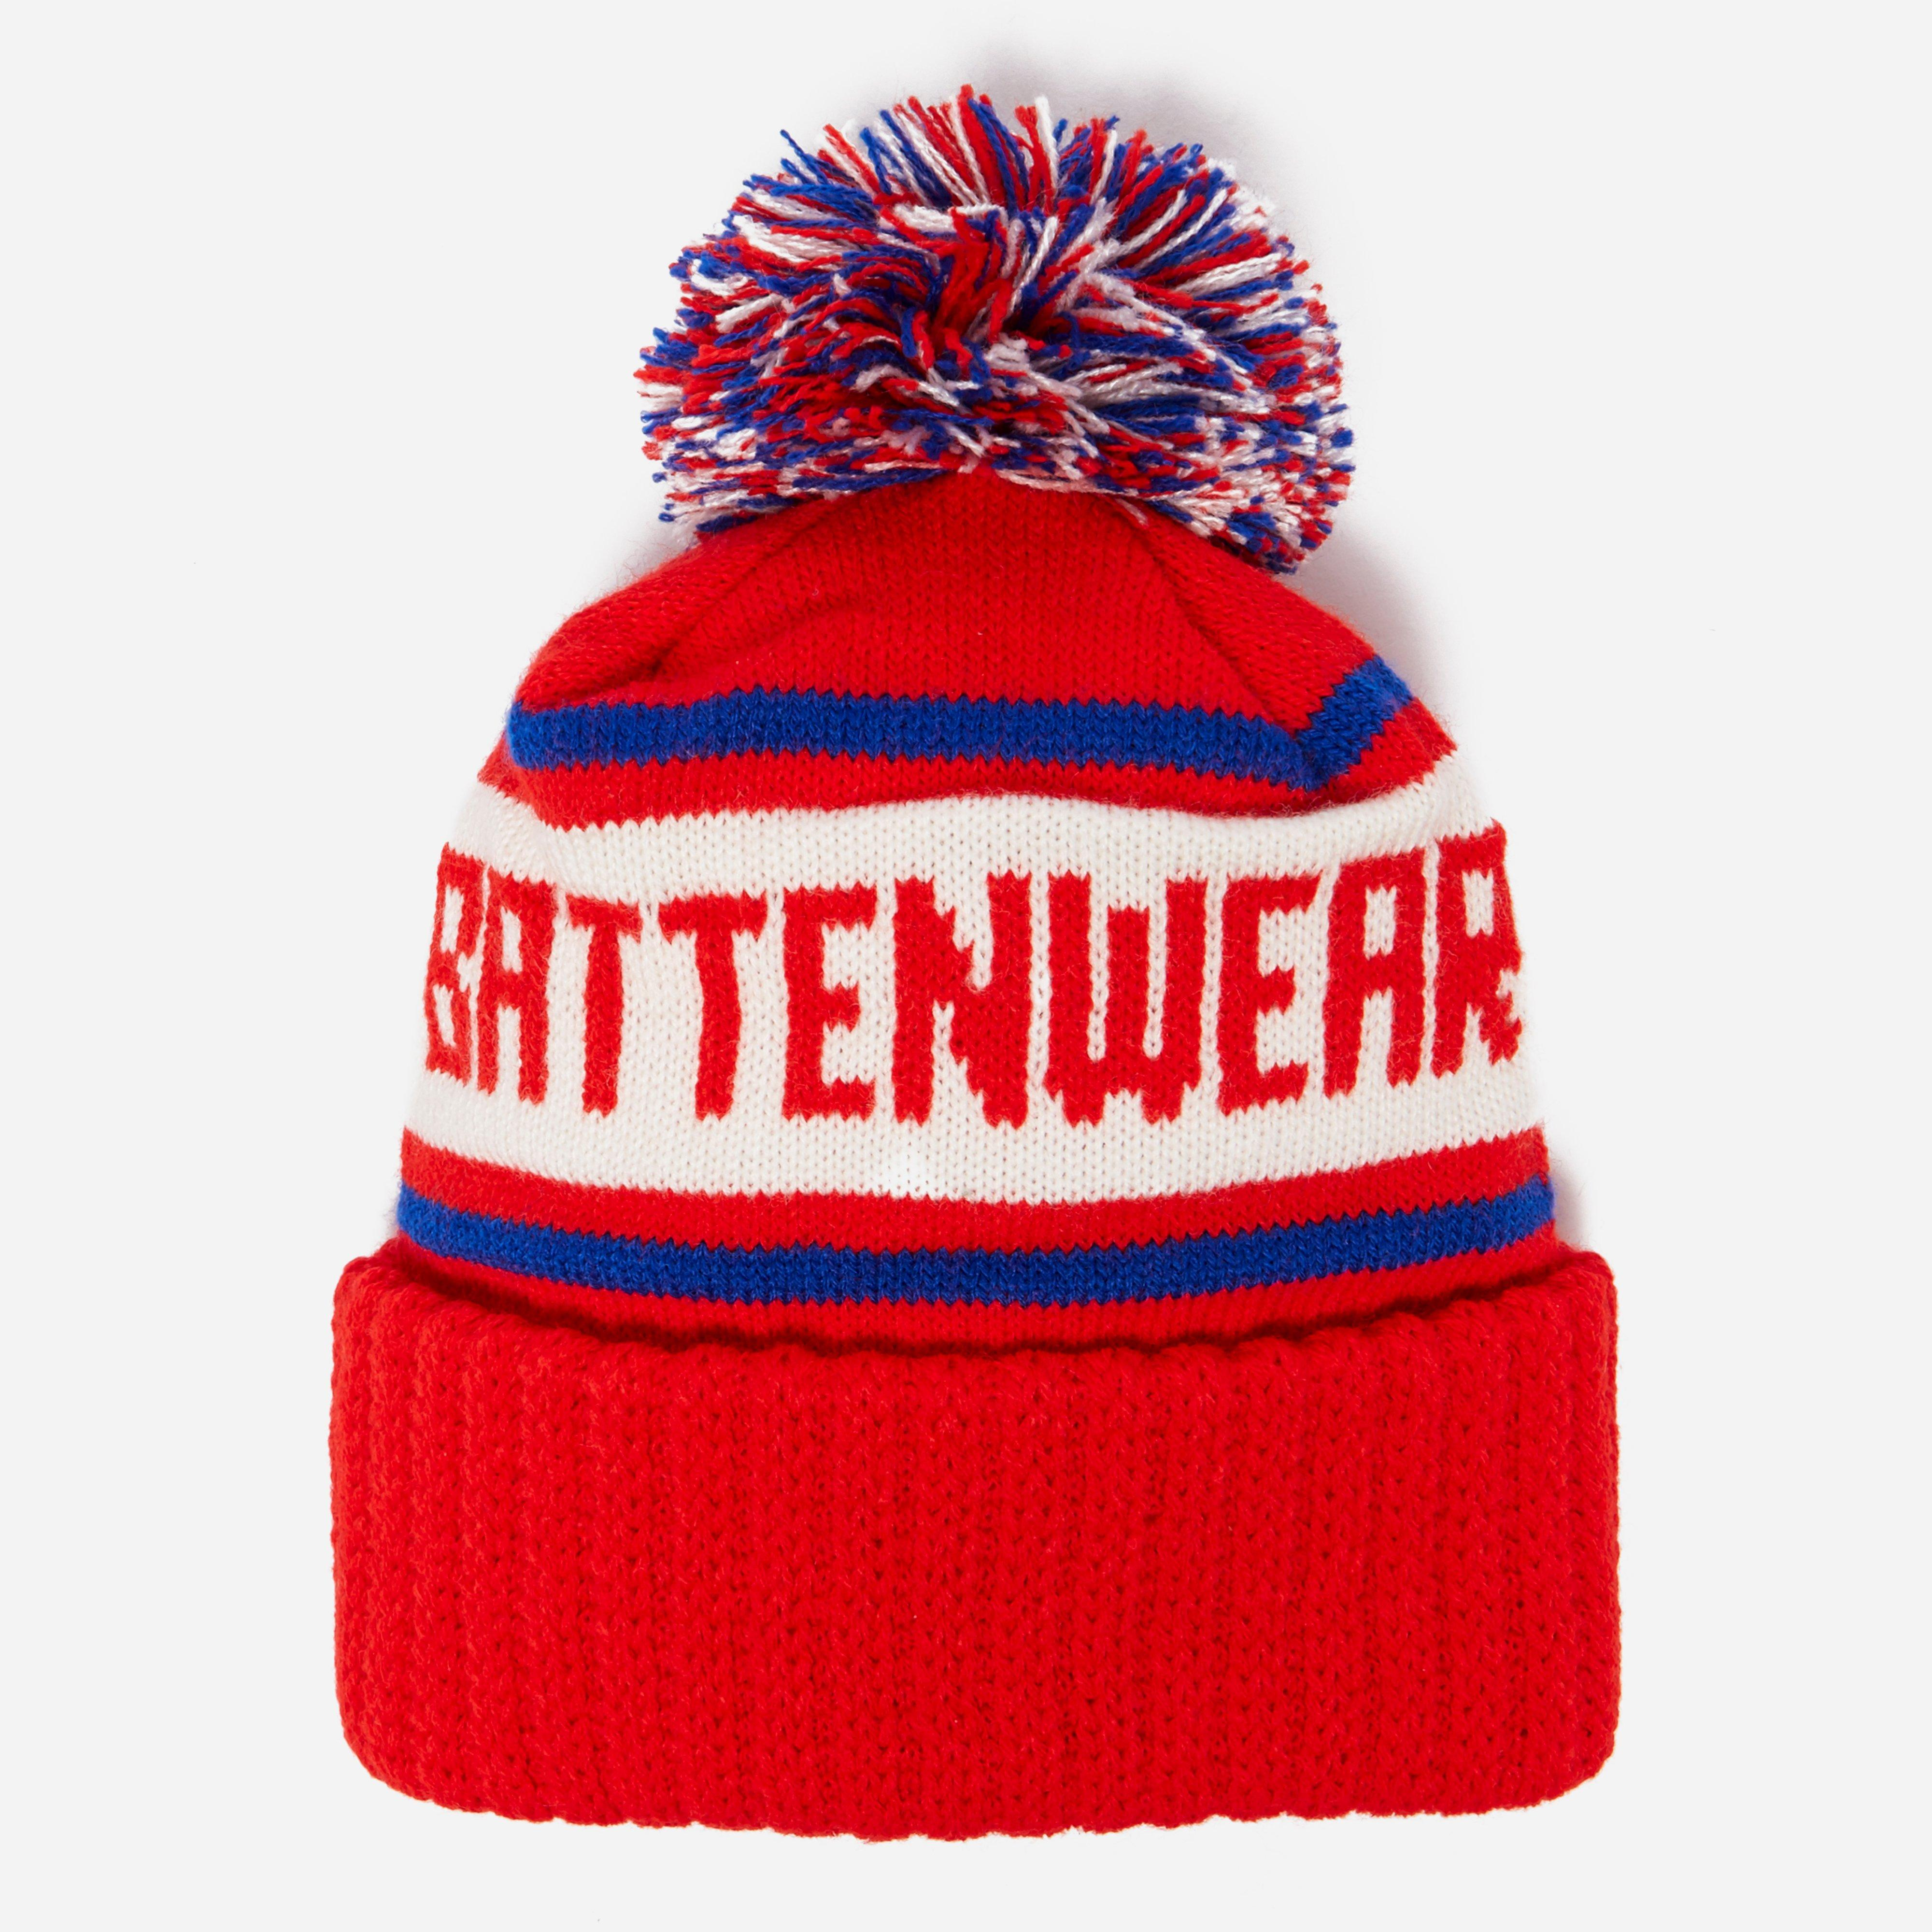 Battenwear Logo Beanie